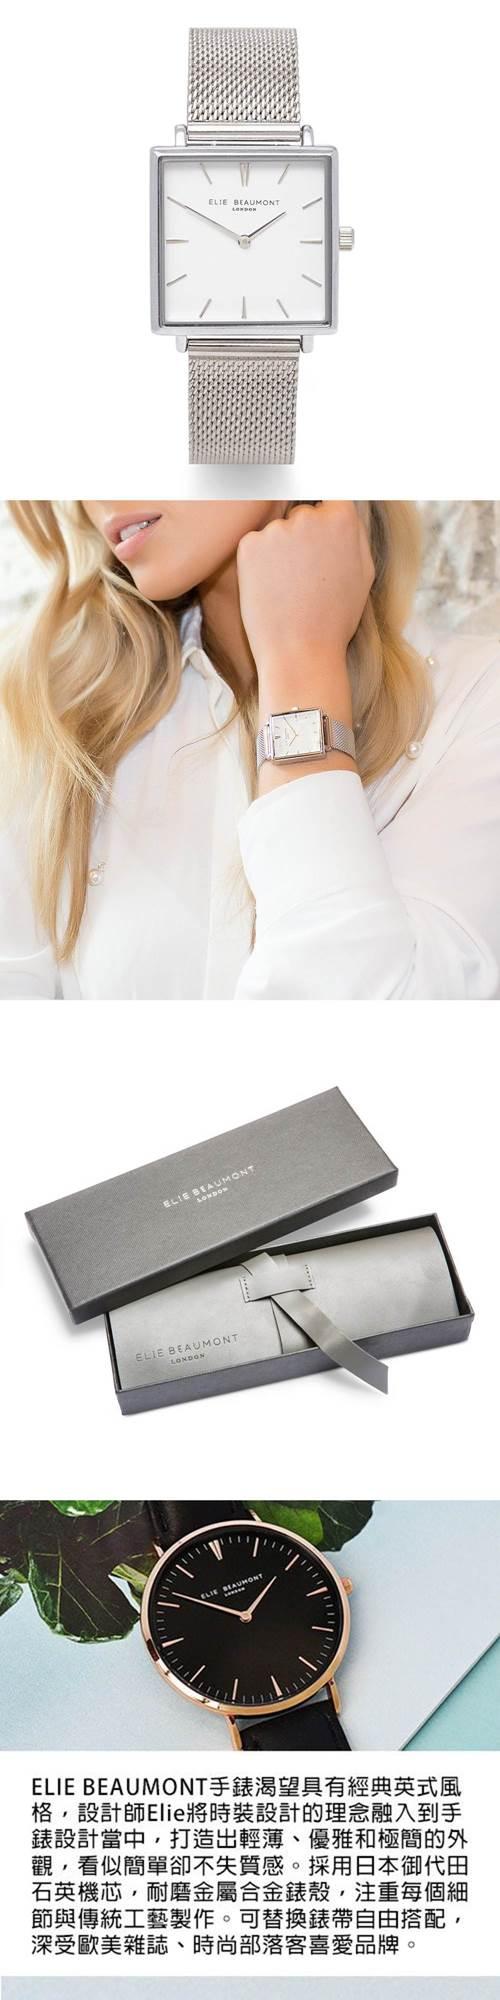 (複製)Elie Beaumont 英國時尚手錶 牛津米蘭錶帶系列 黑錶盤黑框x銀色錶帶41mm